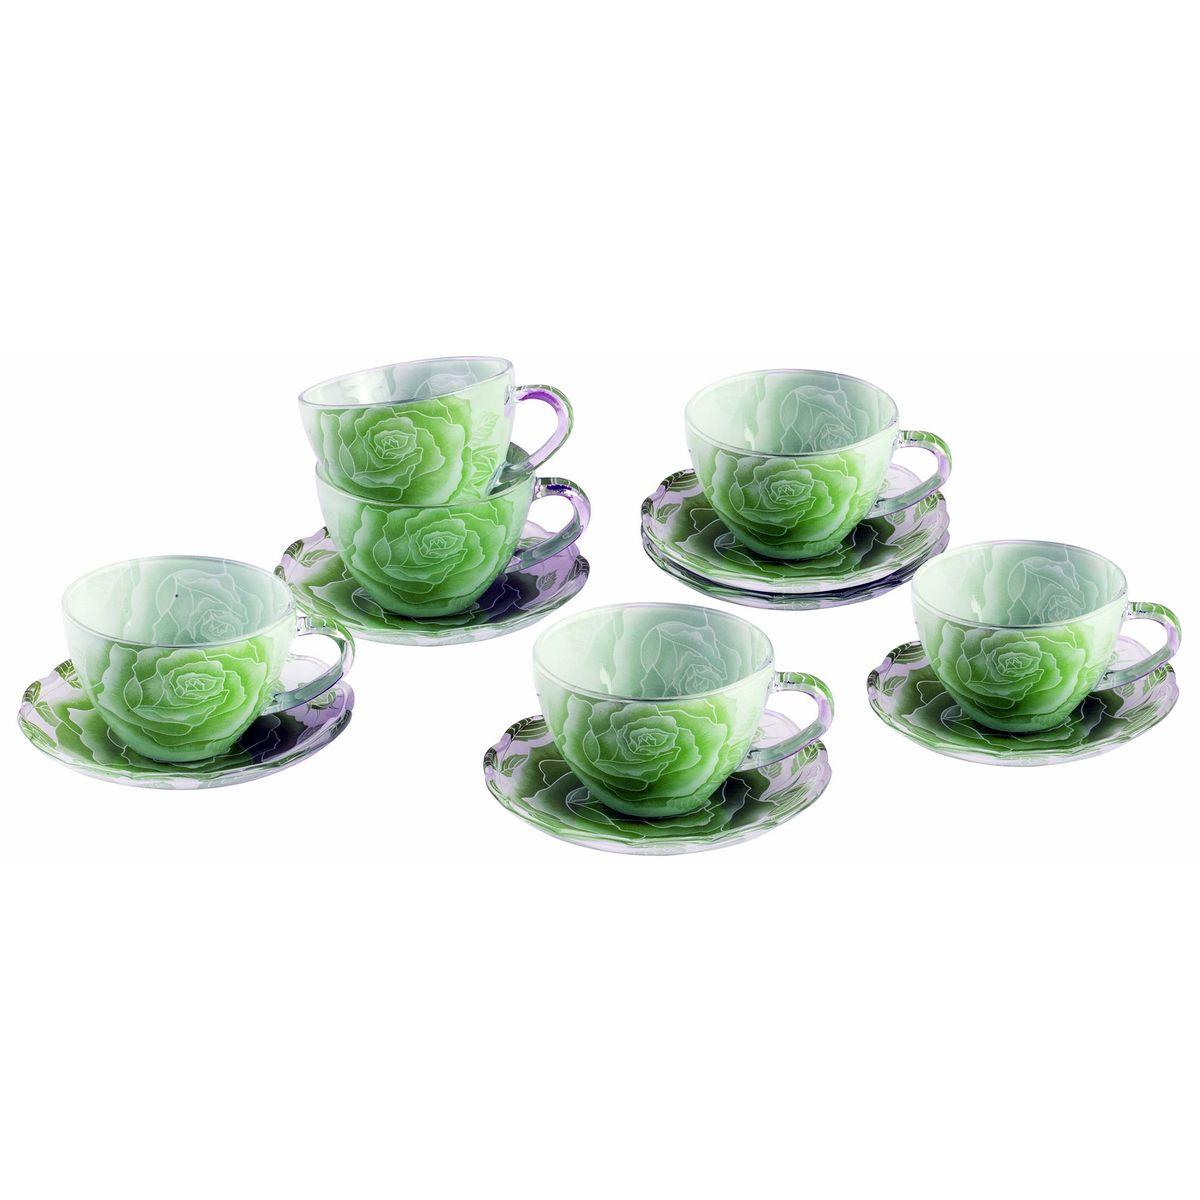 Набор чайный BK-5853 12прBK-585312пр.: чашка - 6шт. (200мл), блюдце - 6шт. (13,5см). Подарочнаяупаковка. Состав: стекло.